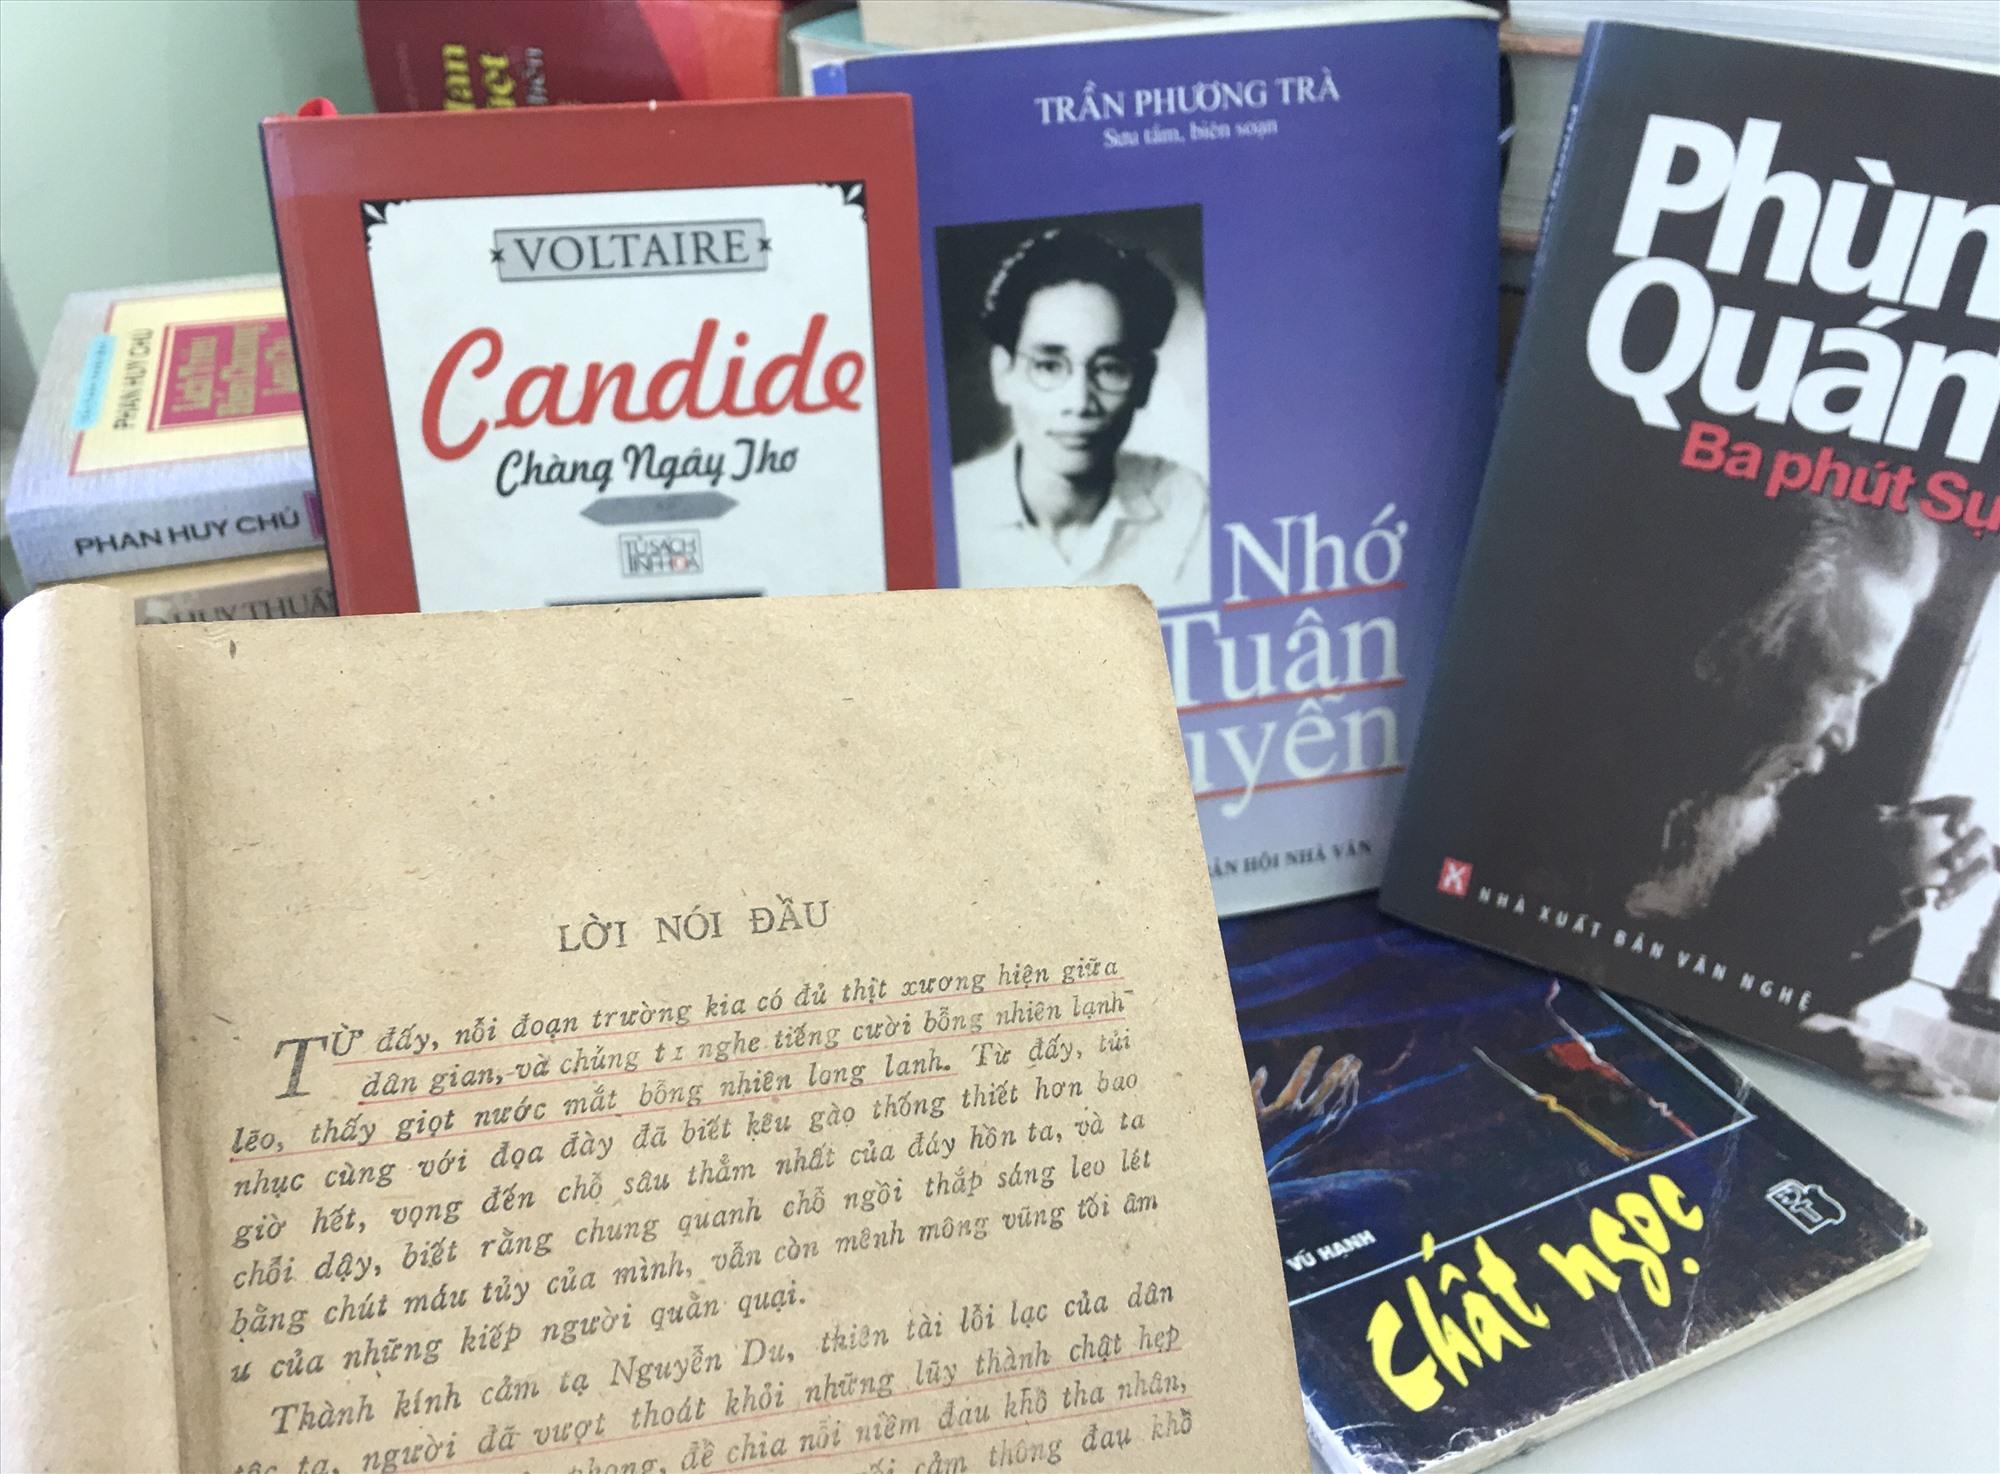 """Trang văn xuôi trong lời nói đầu """"Đọc lại Truyện Kiều"""" của cố nhà văn Vũ Hạnh từng in sâu vào tâm trí độc giả. ẢNH: H.X.H"""